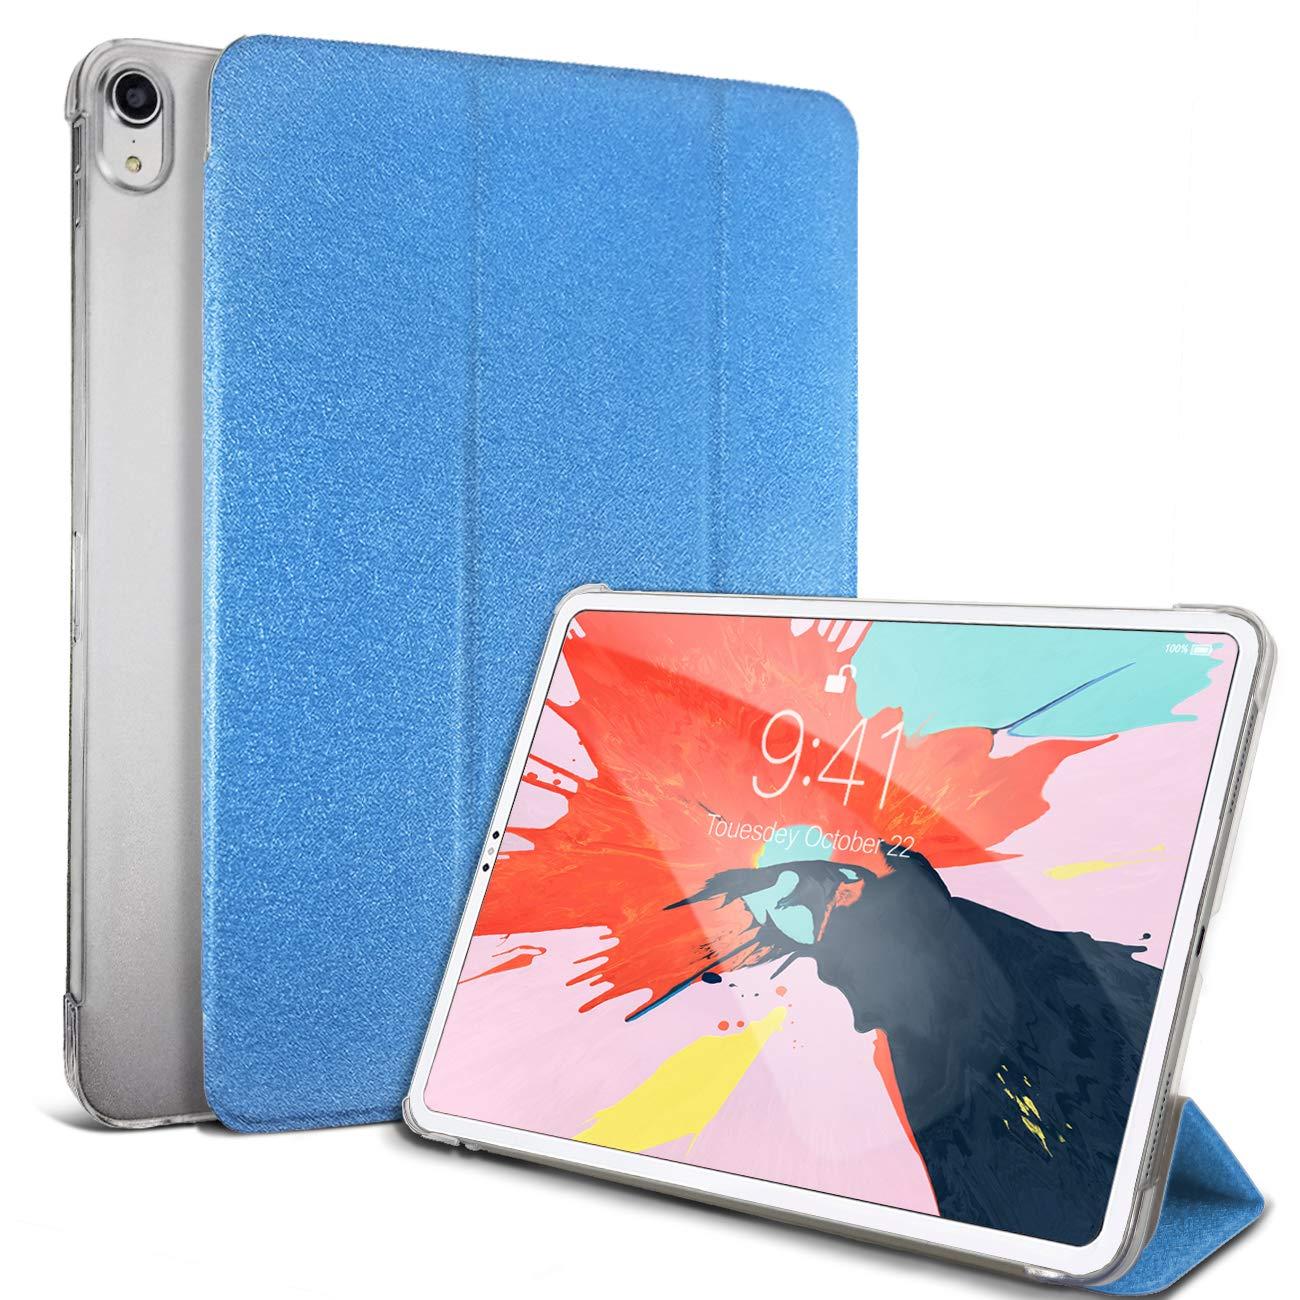 DUNNO iPad Pro 11インチケース 2018年 スリム軽量カバー 自動スリープ/ウェイクアップ&スタンドフォリオデザイン 半透明つや消しバックカバー Apple iPad Pro 11 2018インチ用 LW-PRO11-NAV  ネイビーブルー B07LFRP2TP